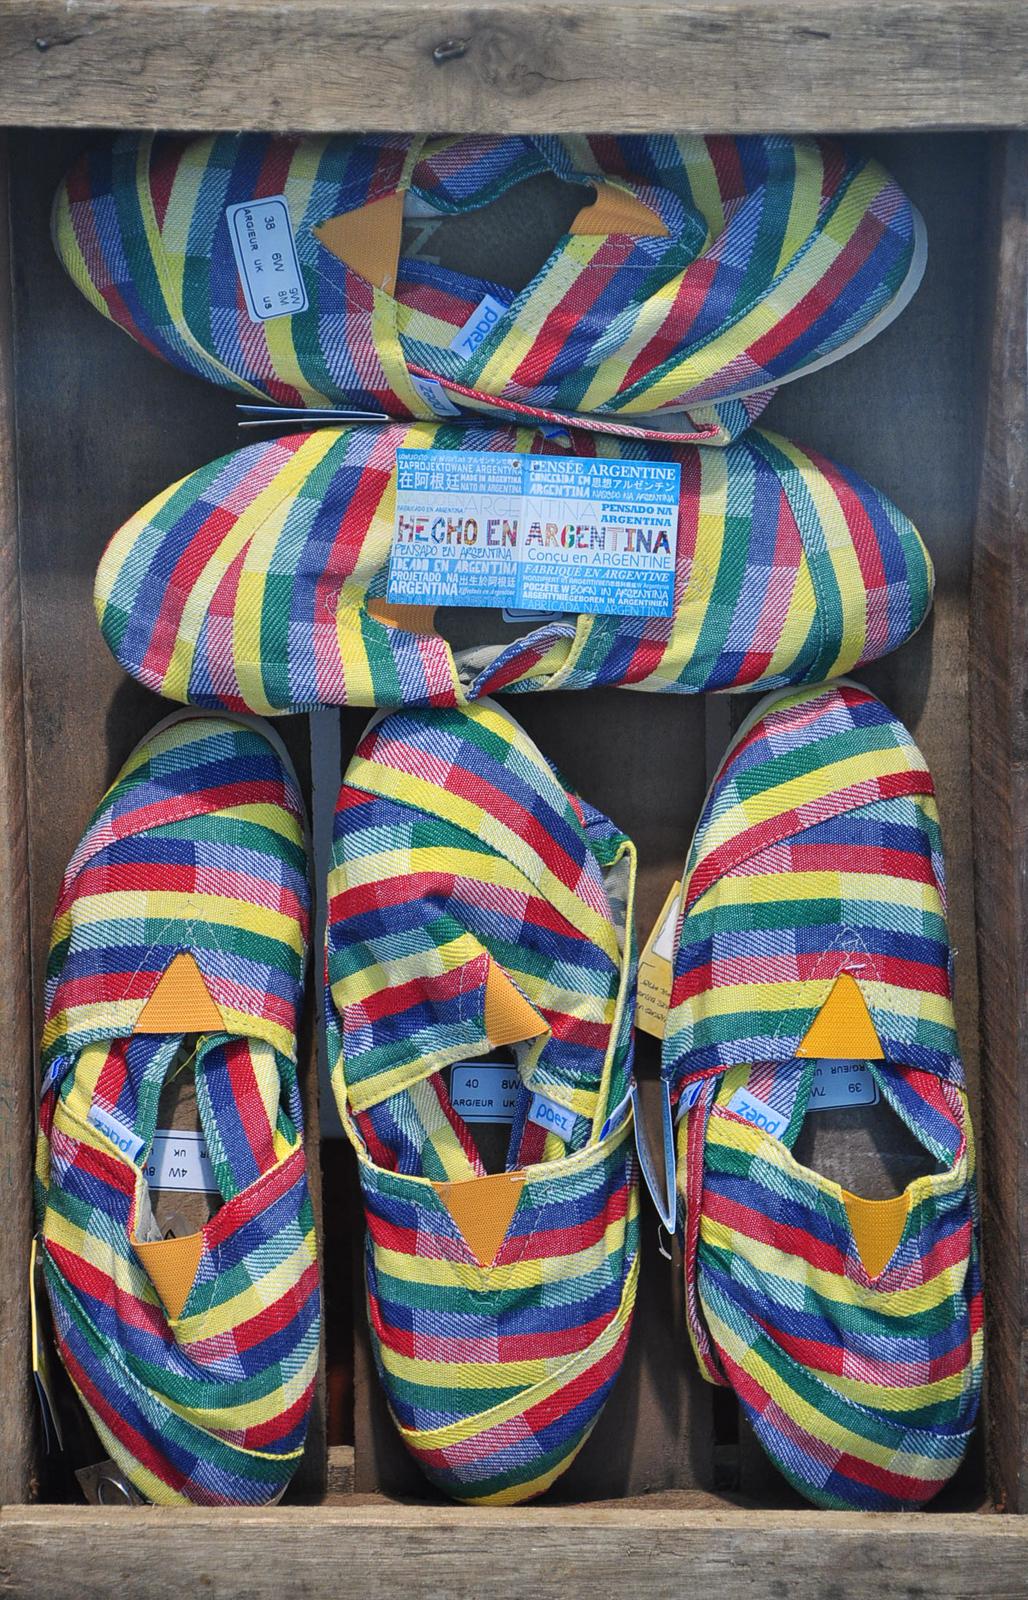 Vidriera Punta Carretas Shopping Vidriera Punta Carretas Shopping. \u2013 \u2013 \u2013 \u2013 \u2013 \u2013 \u2013 \u2013